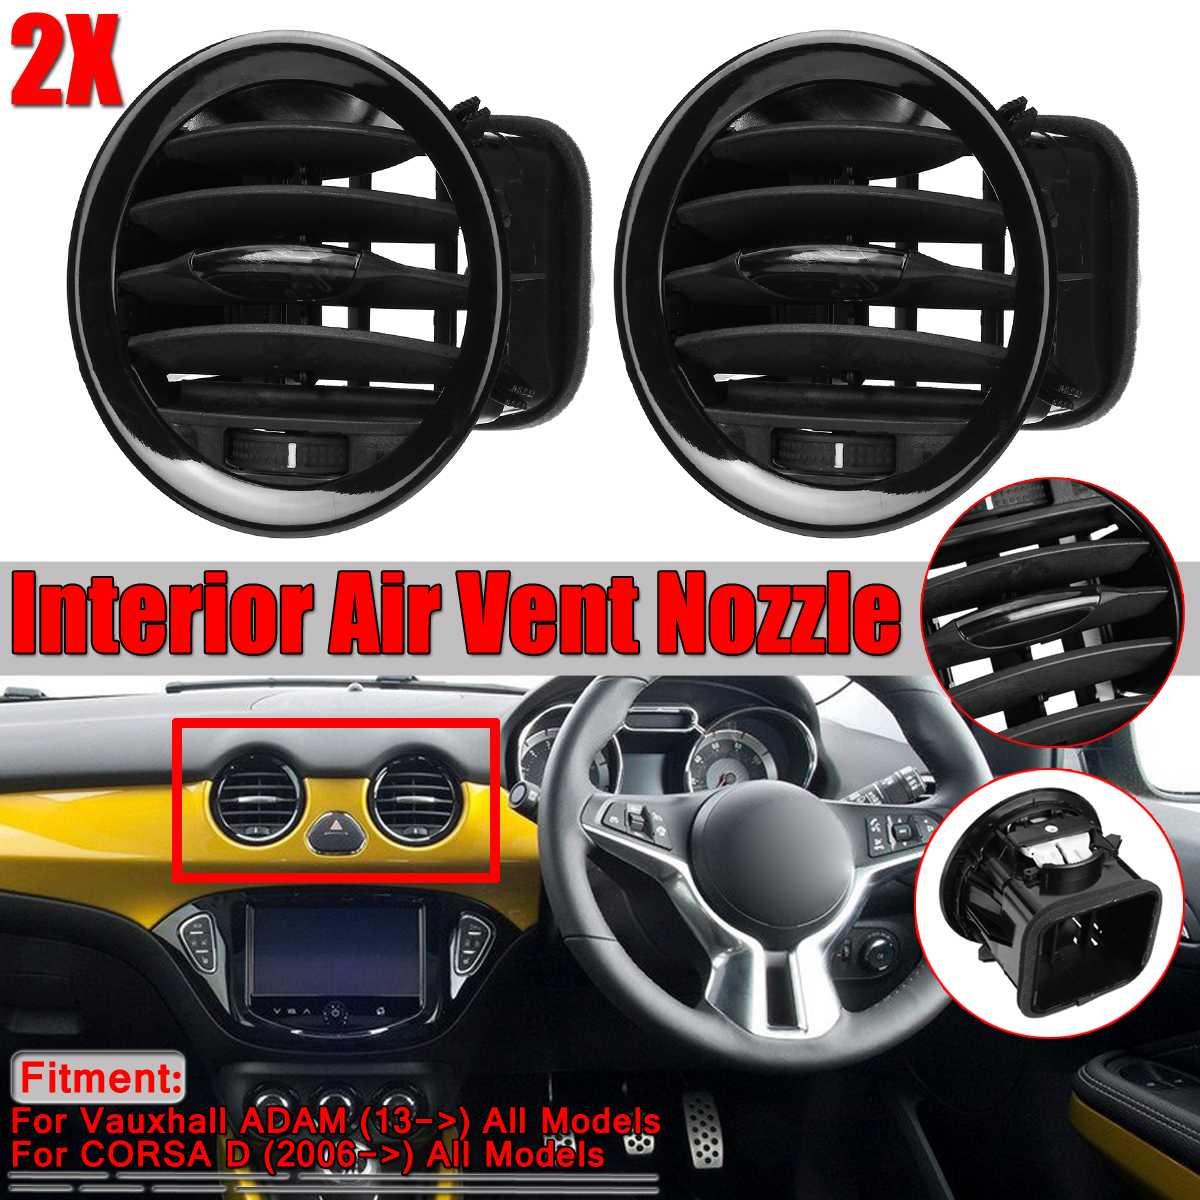 Nouveau chauffage intérieur de voiture A/C couvercle d'aération Grille de sortie pour Vauxhall Opel ADAM/CORSA D MK3